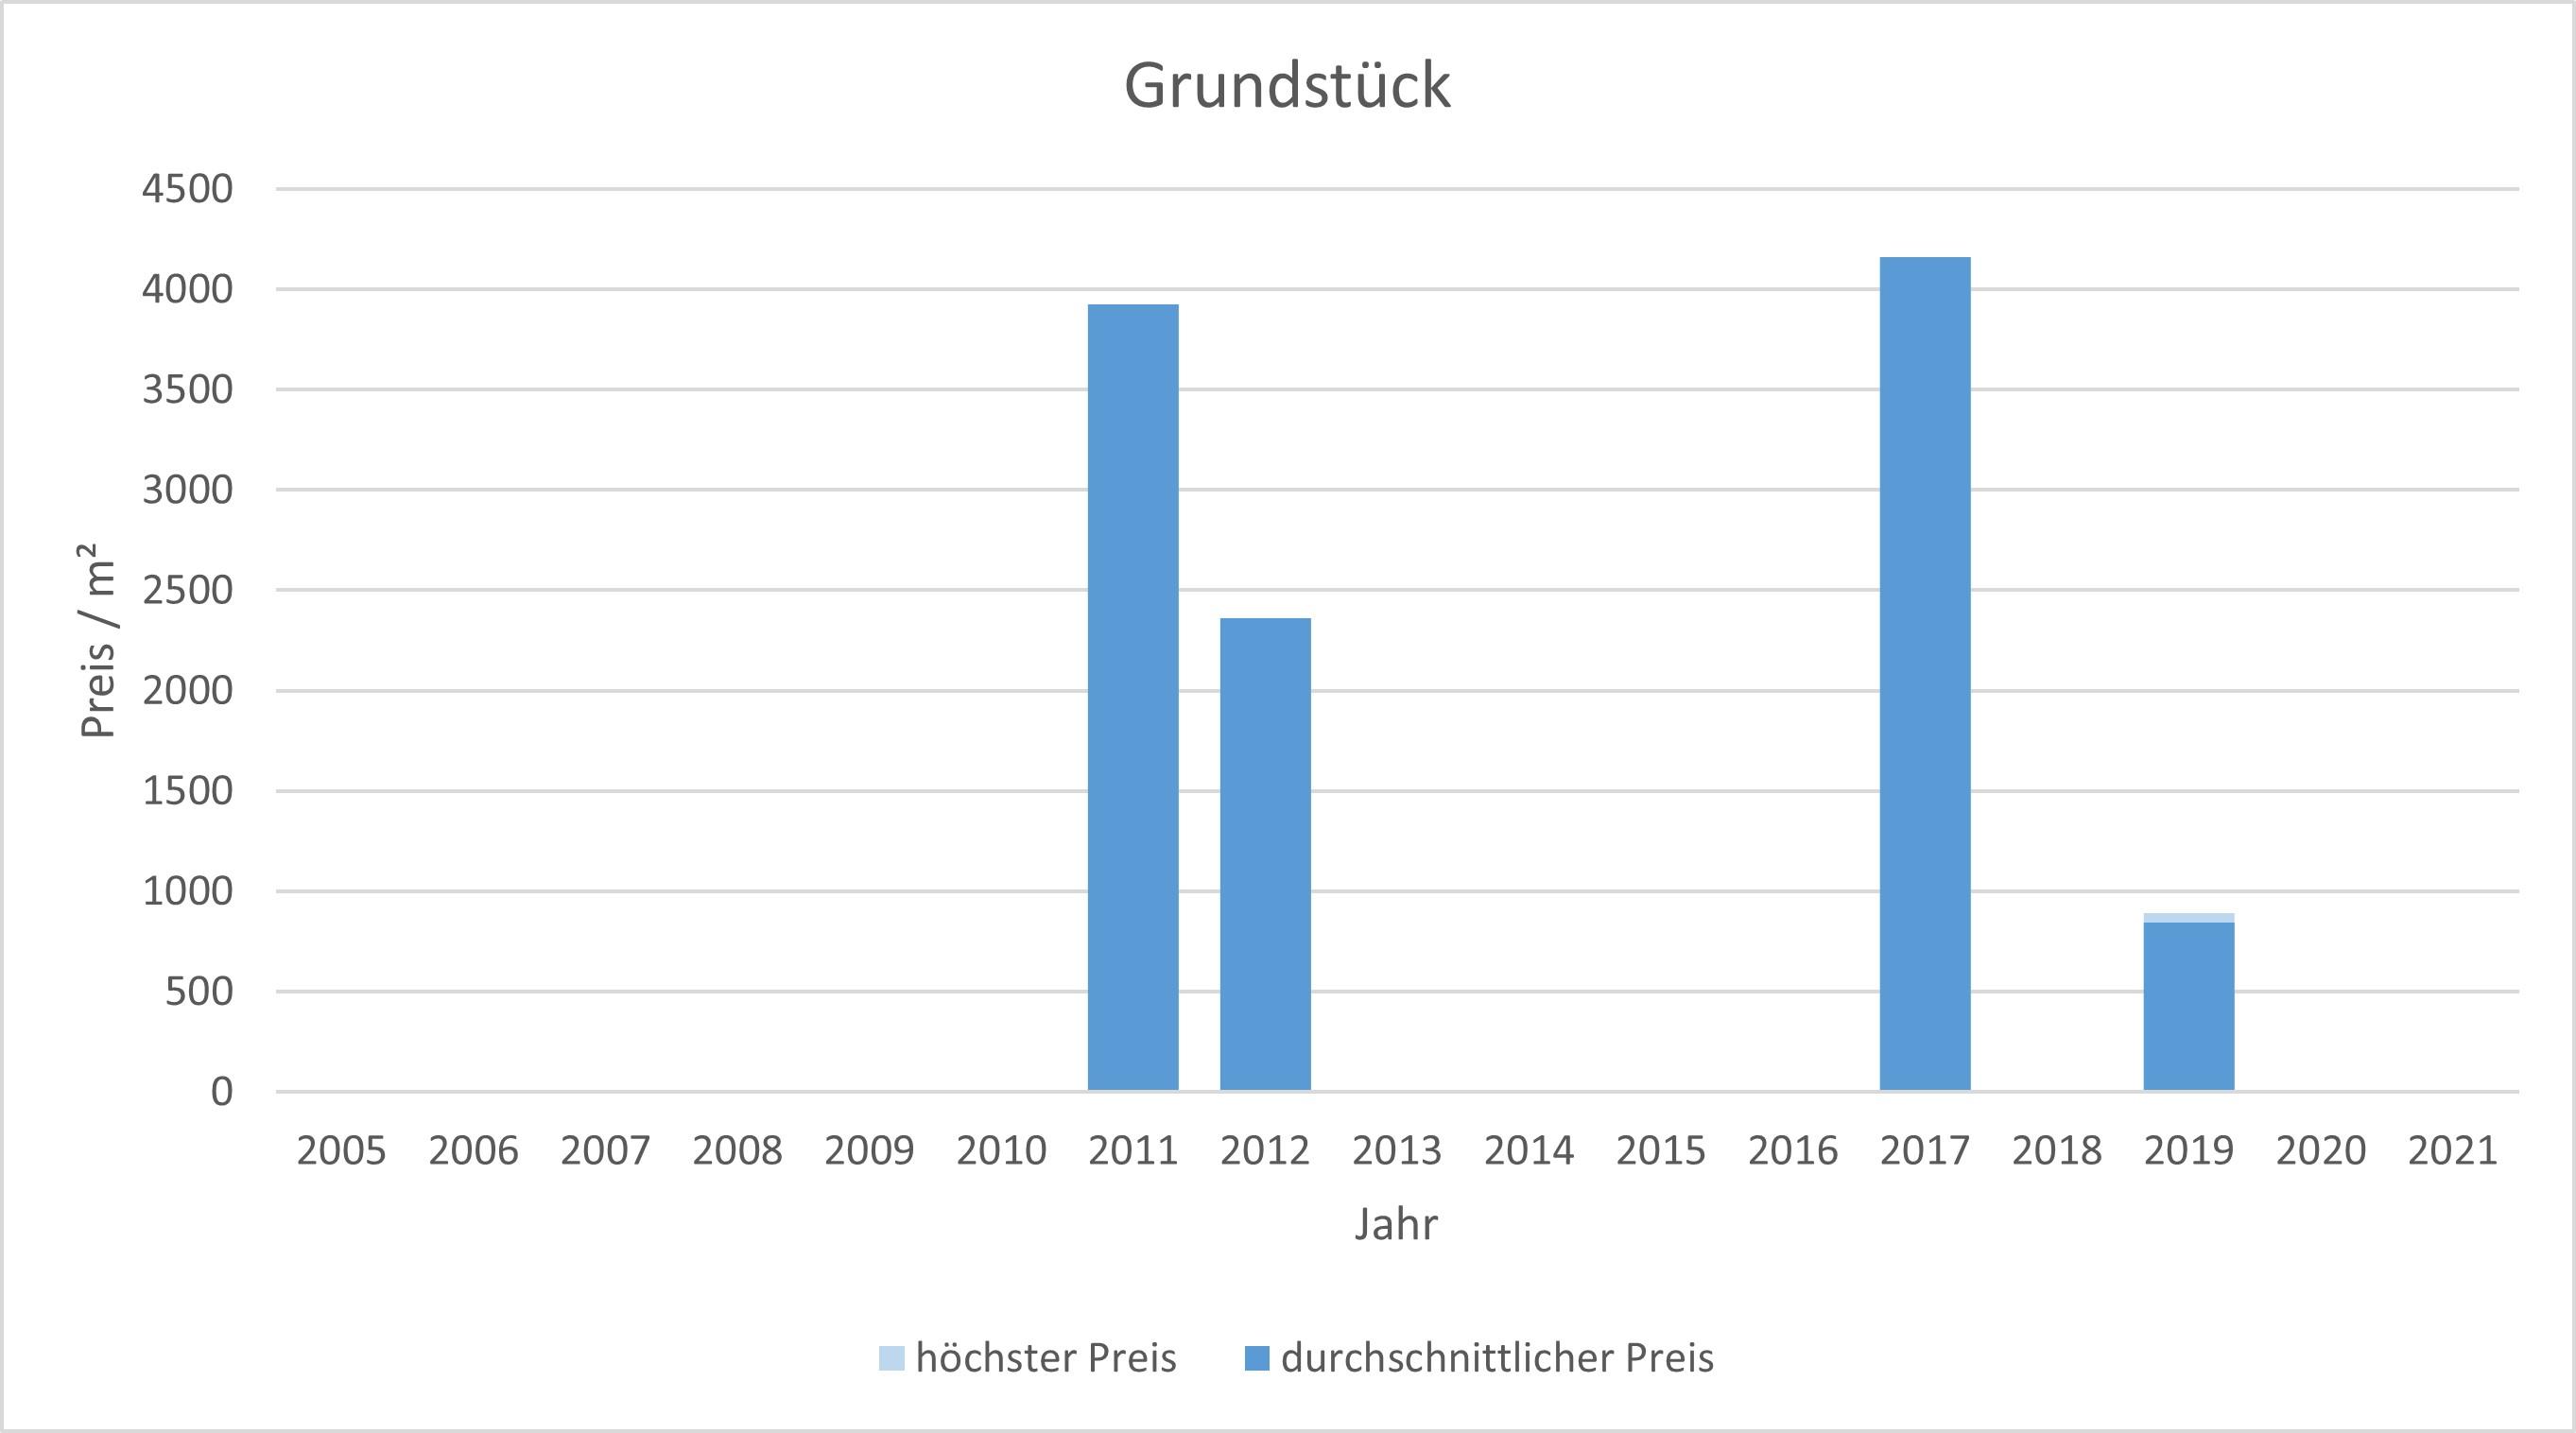 Bruck Grundstück kaufen verkaufen preis bewertung makler www.happy-immo.de 2019, 2020, 2021